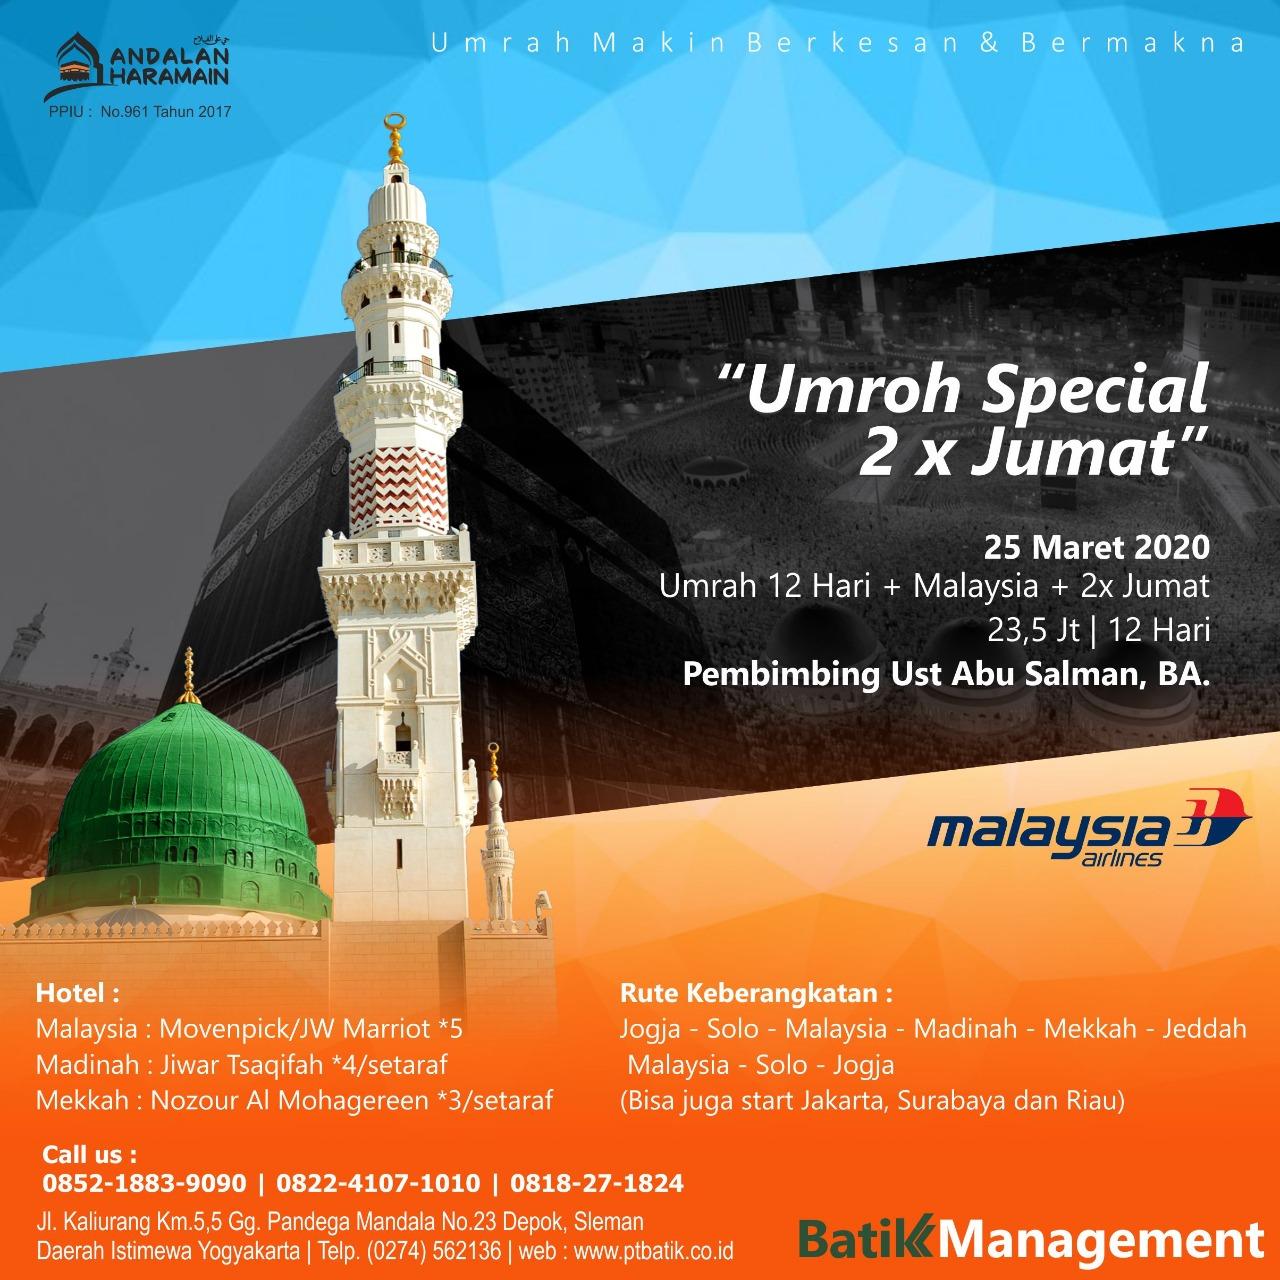 Umroh 12 Hari 2x Jum'at PLUS Malaysia - 25 Maret 2020